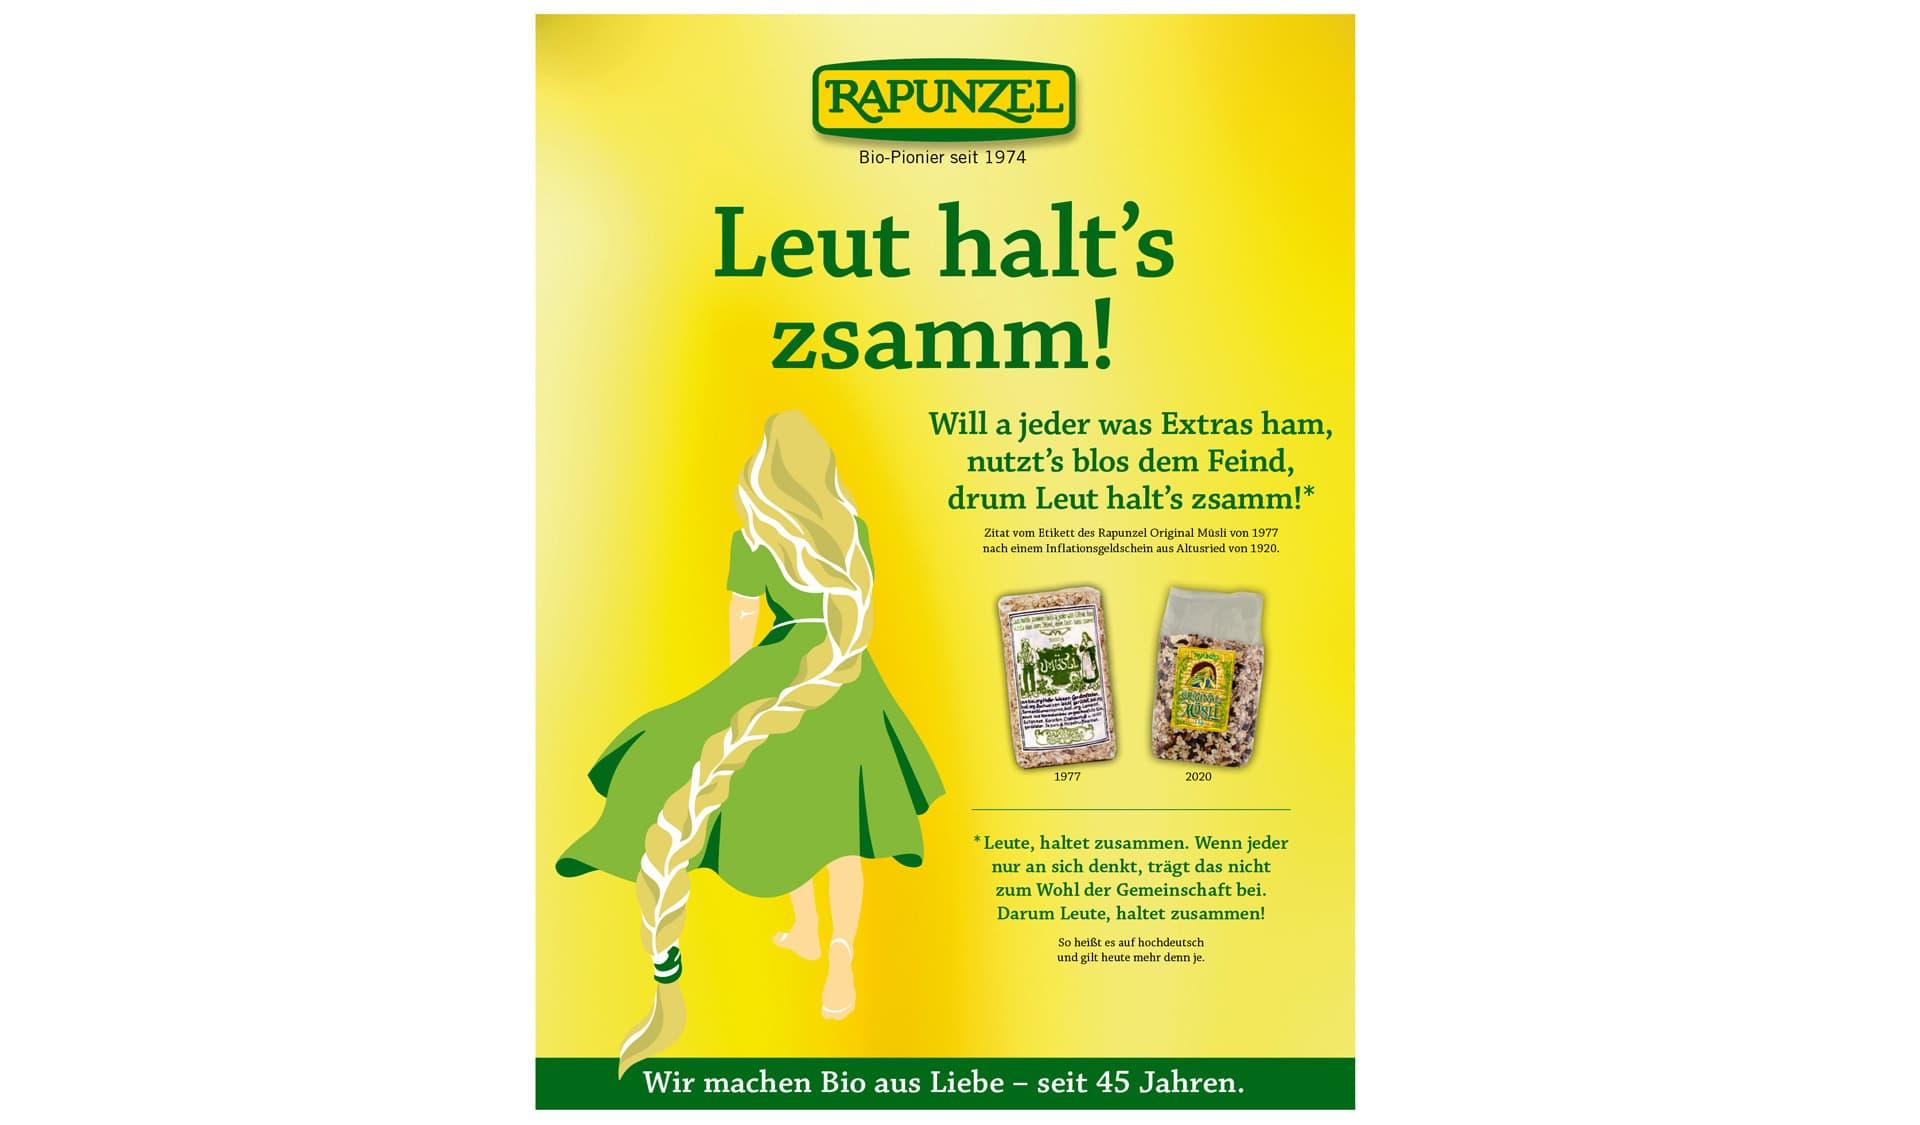 Anzeige von Rapunzel